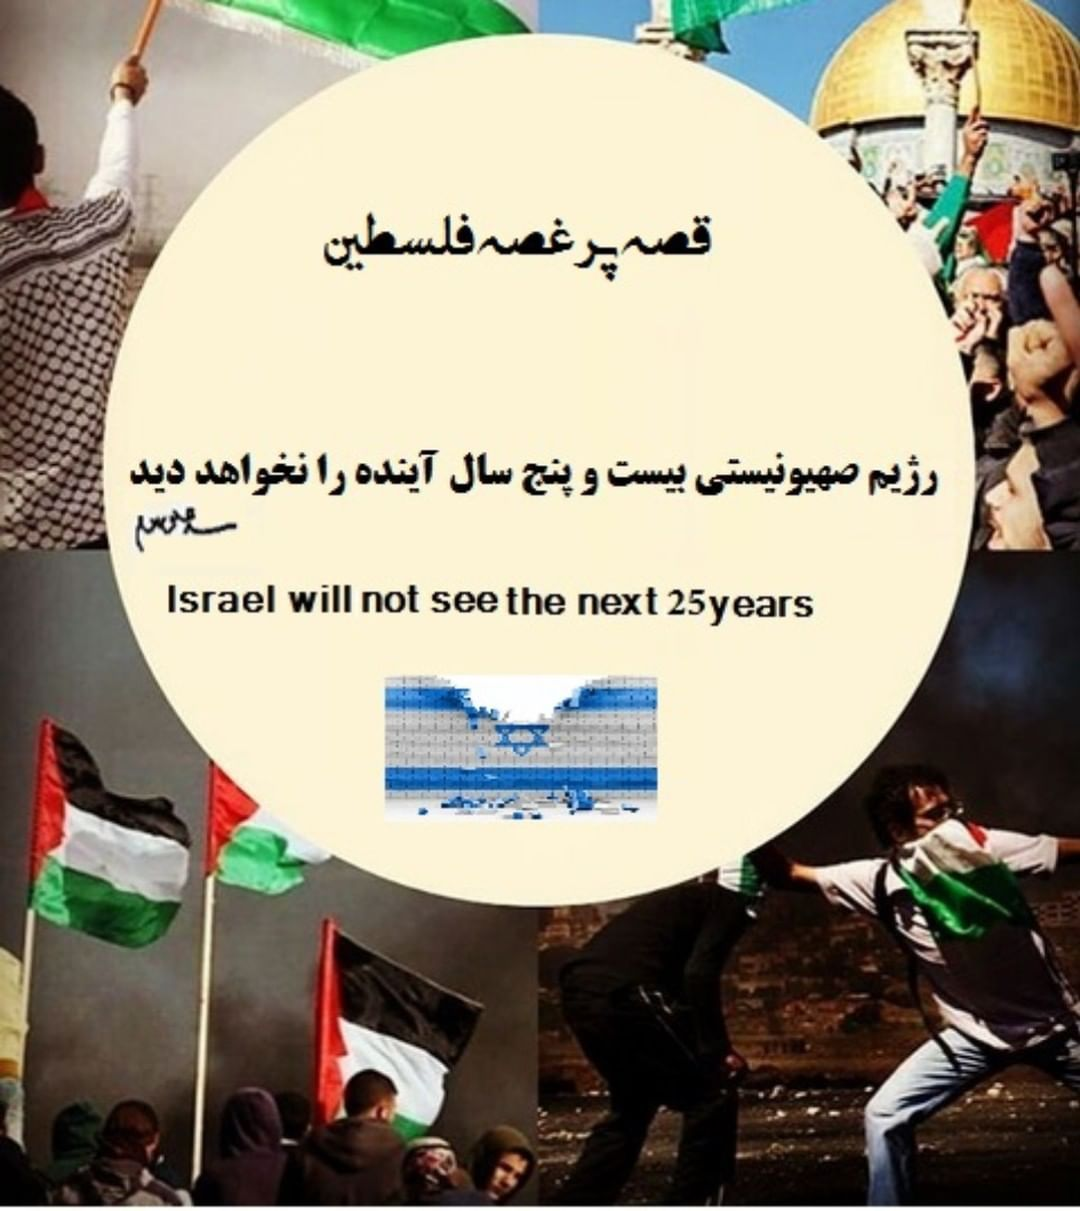 شکست در جنگ 33 روزه با حزب الله در 2006میلادی شکست در جنگ 22 روزه غزه در 2008 میلادی شکست در جنگ 8 روزه در 2014 Instagram Posts Instagram Instagram Images